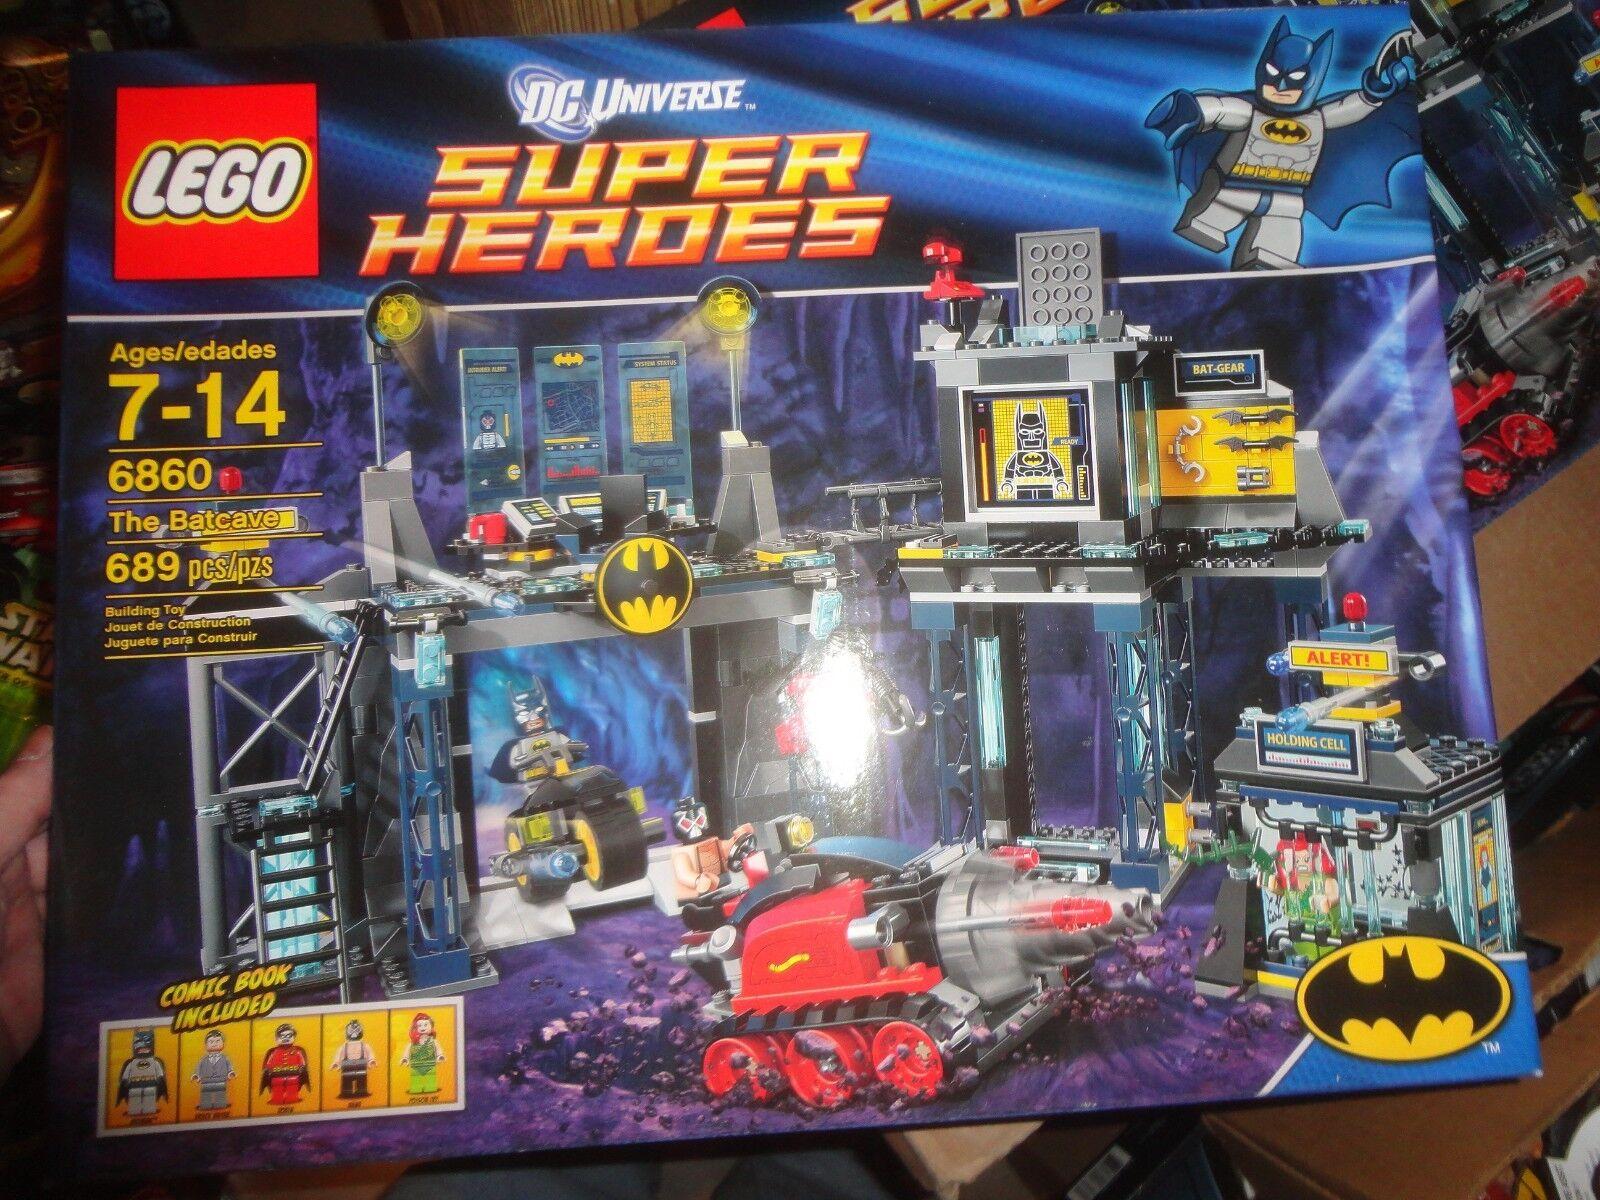 LEGO DC UNIVERSE SUPER SUPER SUPER HEROES BATMAN -THE BATCAVE- SEALED, 6860, 689 PIECES 884e57